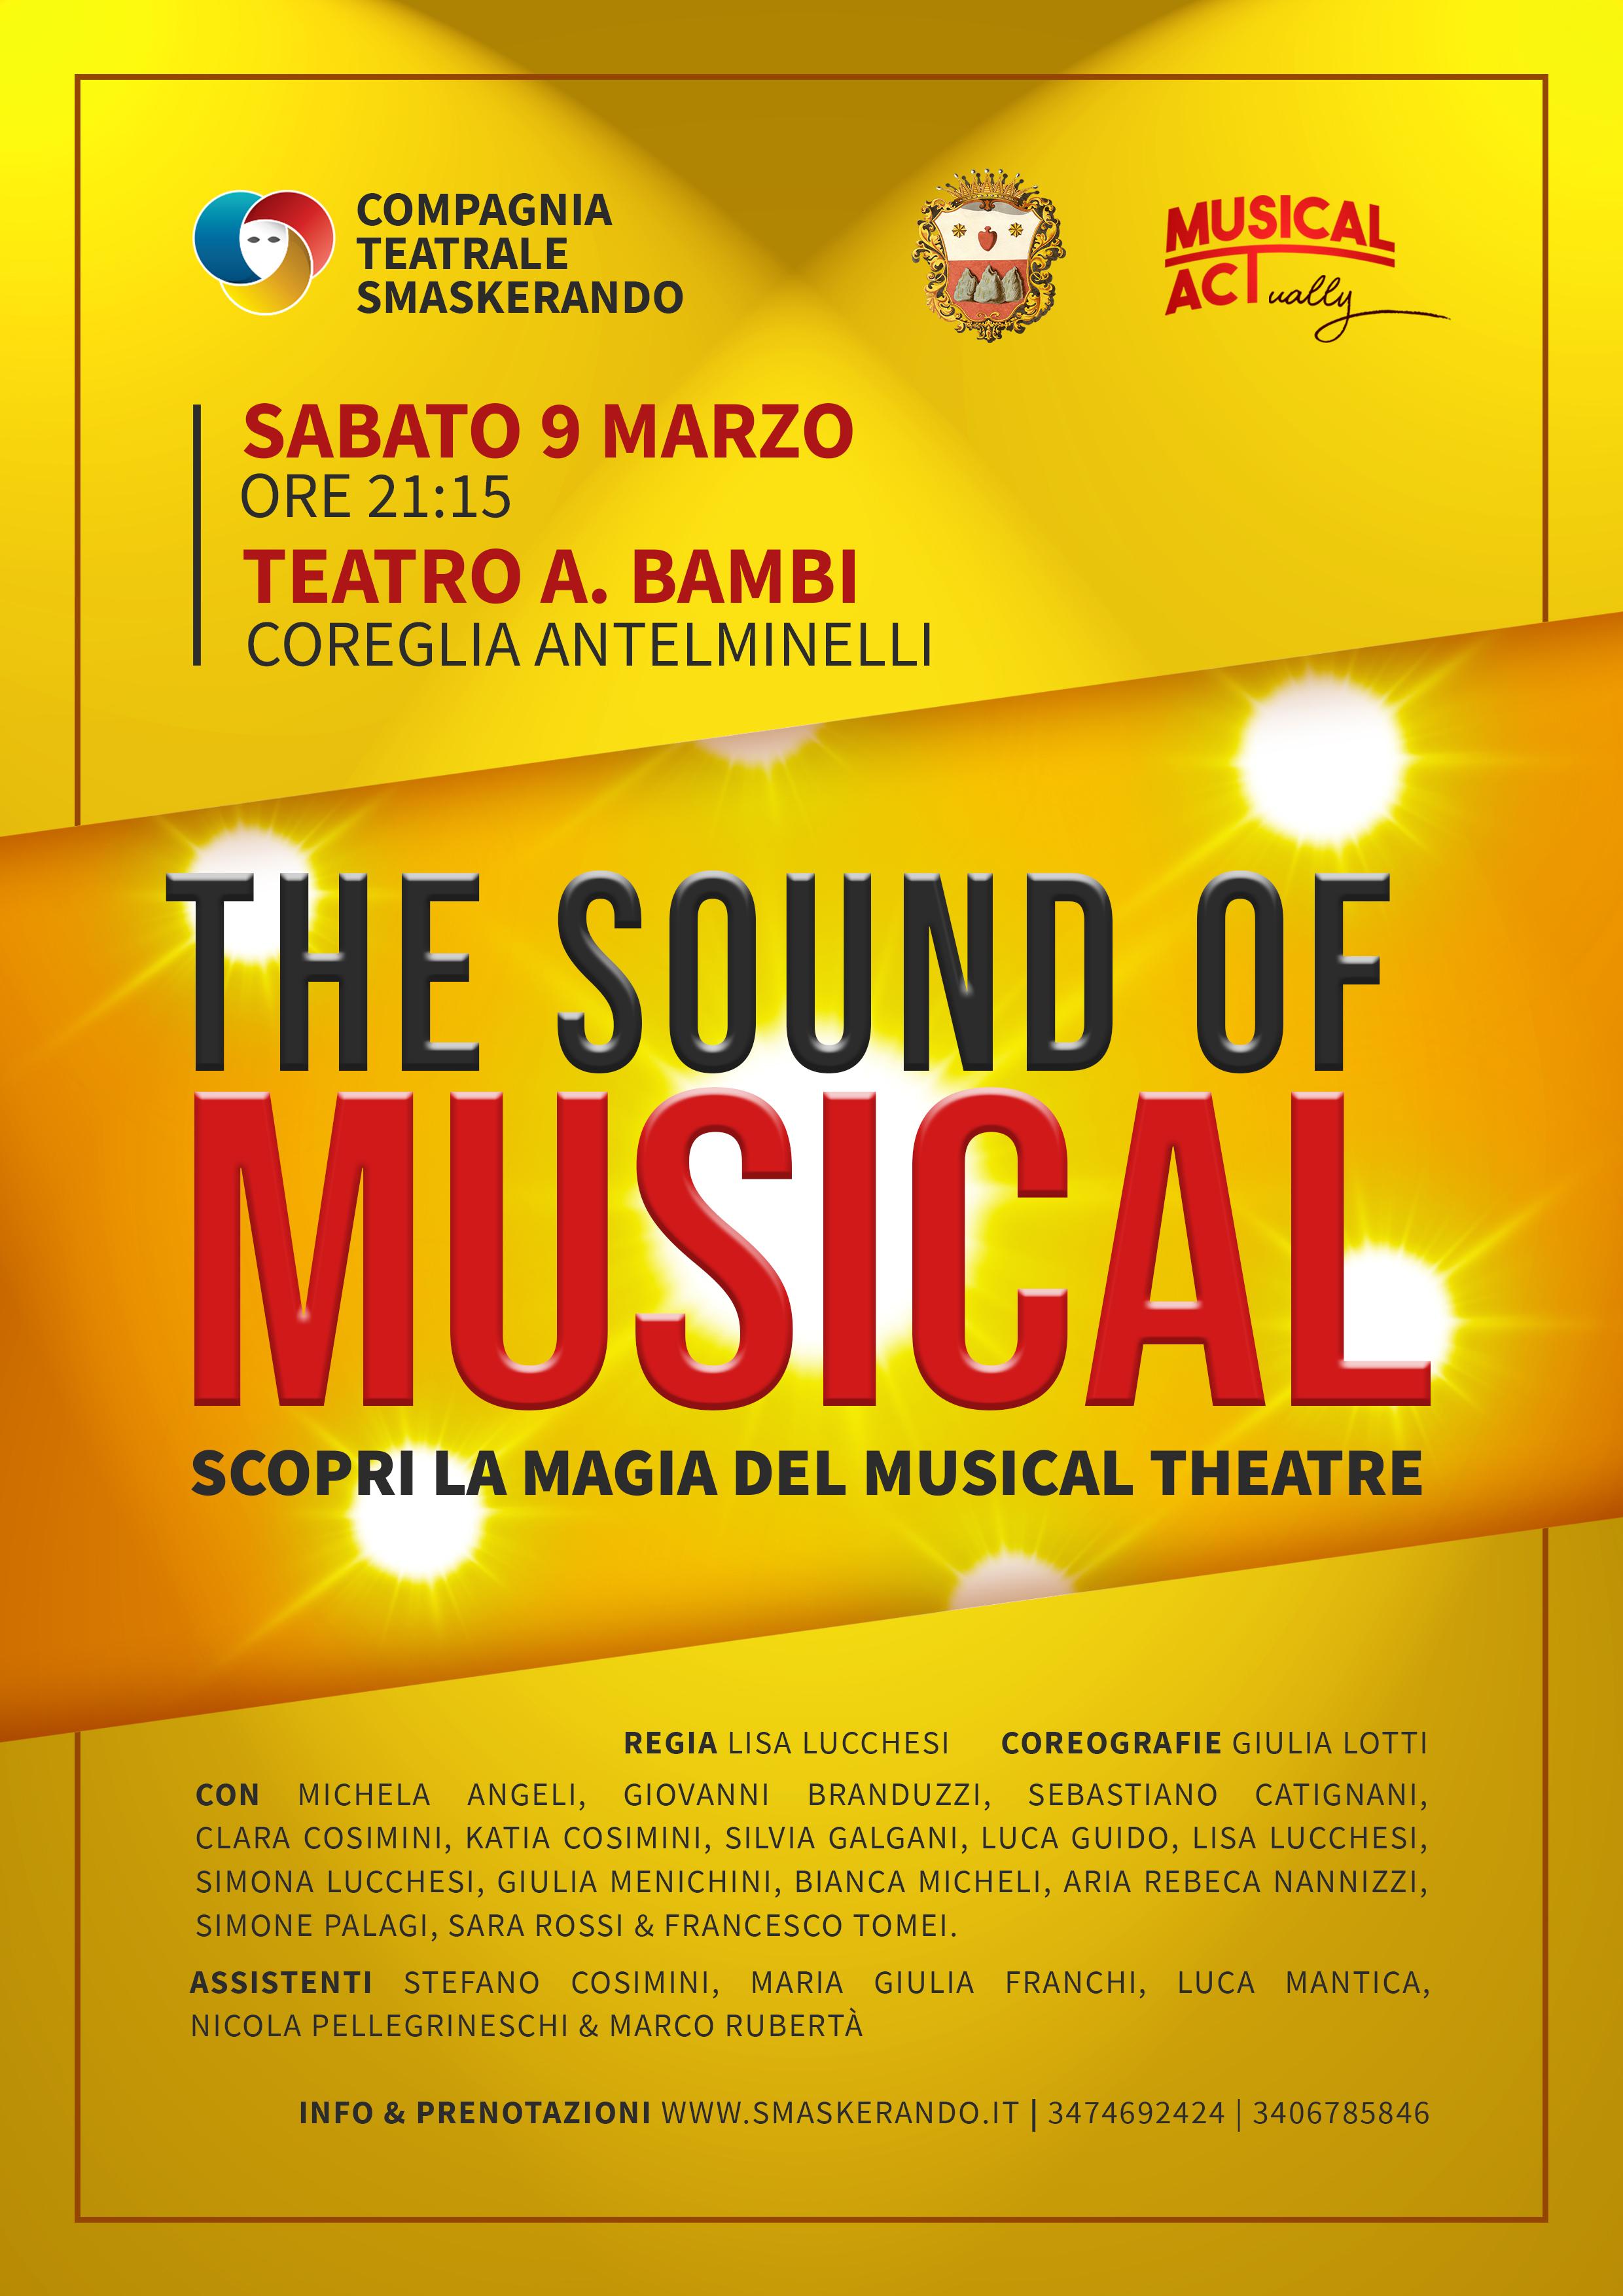 The sound of musical - Coreglia